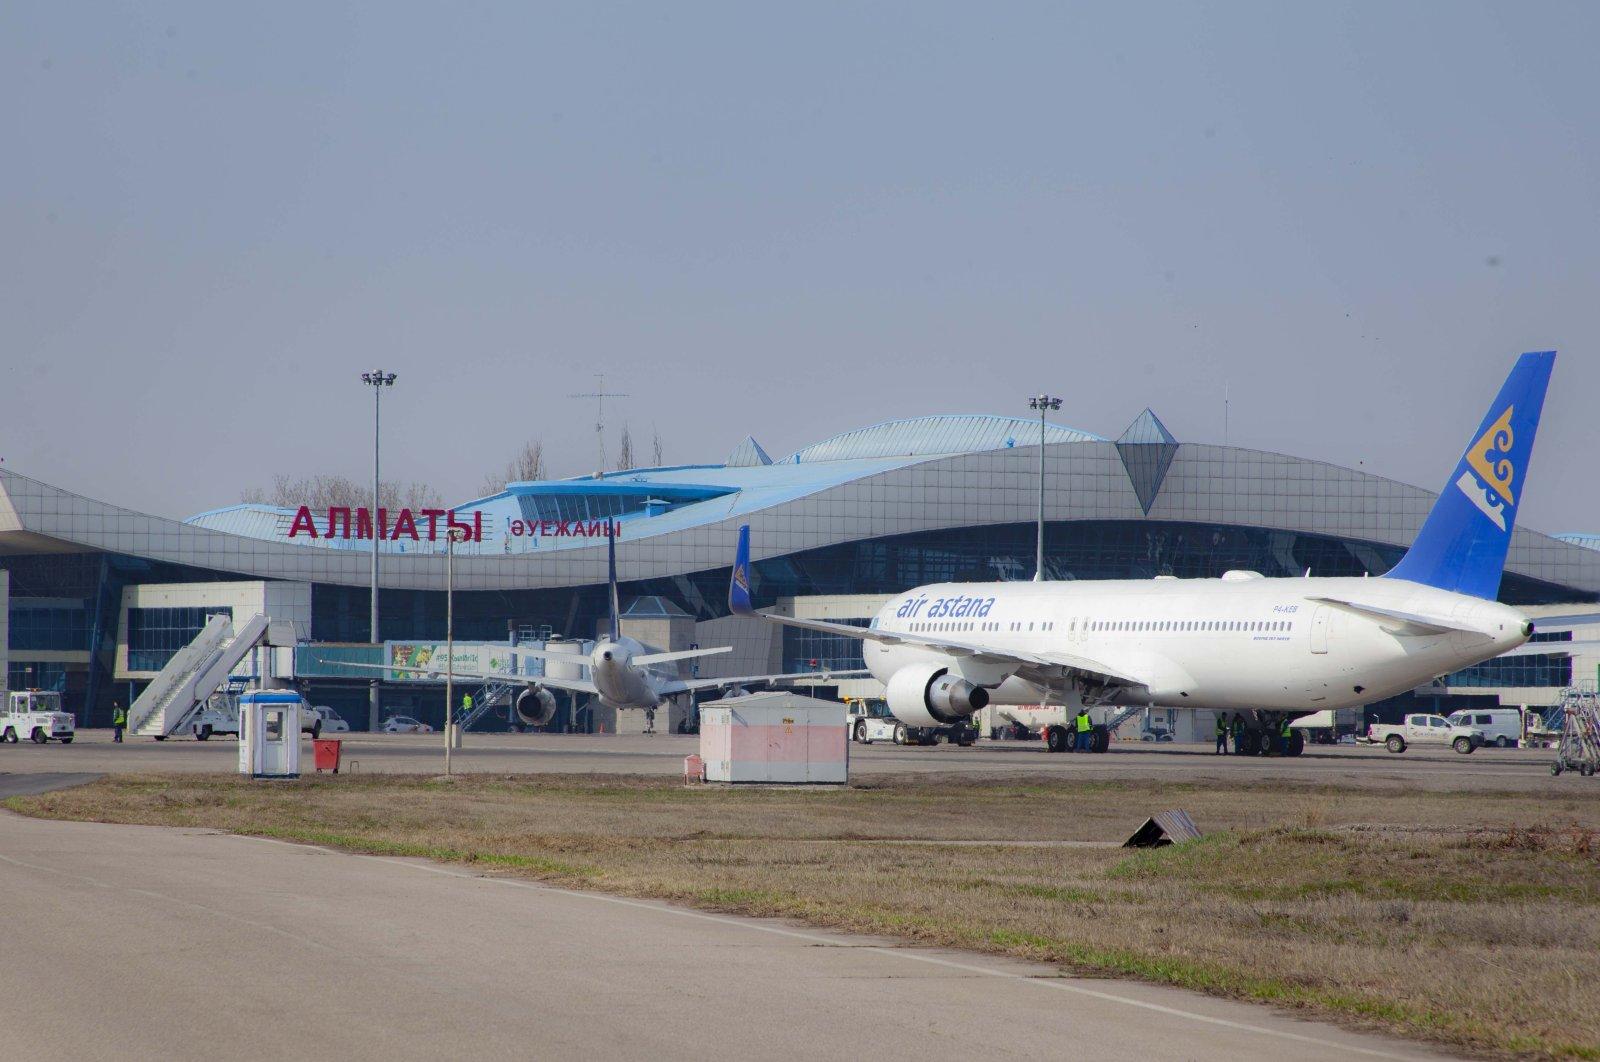 An aircraft is seen at Almaty Airport, Kazakhstan.